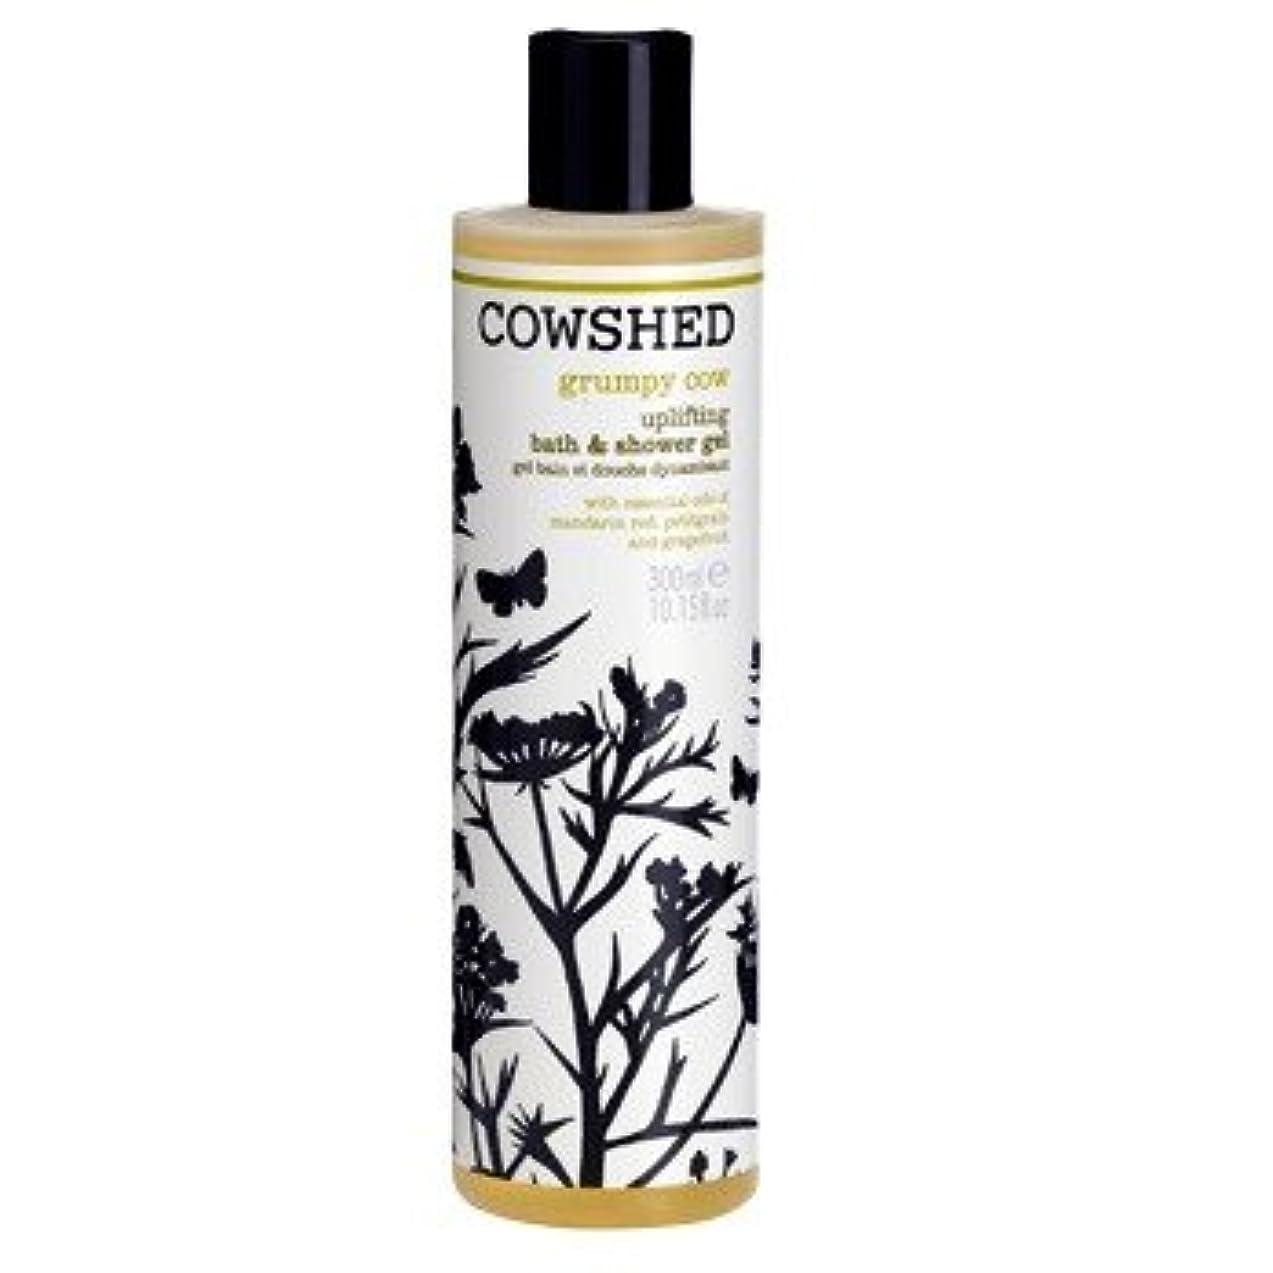 信じる涙処理する牛舎気難しい牛高揚バス&シャワージェル300ミリリットル (Cowshed) - Cowshed Grumpy Cow Uplifting Bath & Shower Gel 300ml [並行輸入品]